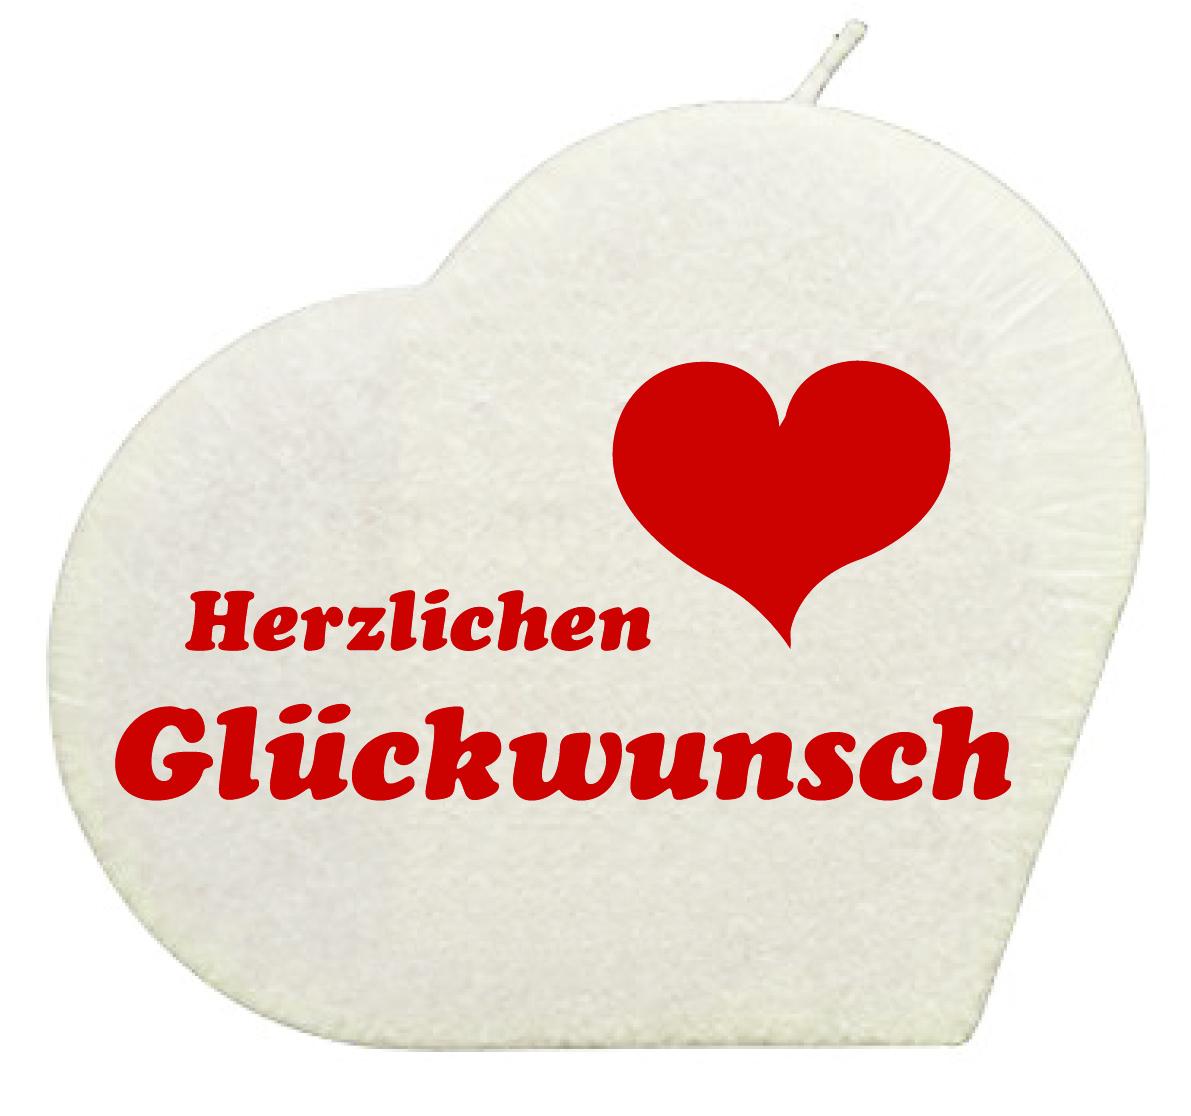 Gluckwunsch Herzkerze Weiss Geschenkexpress Ch